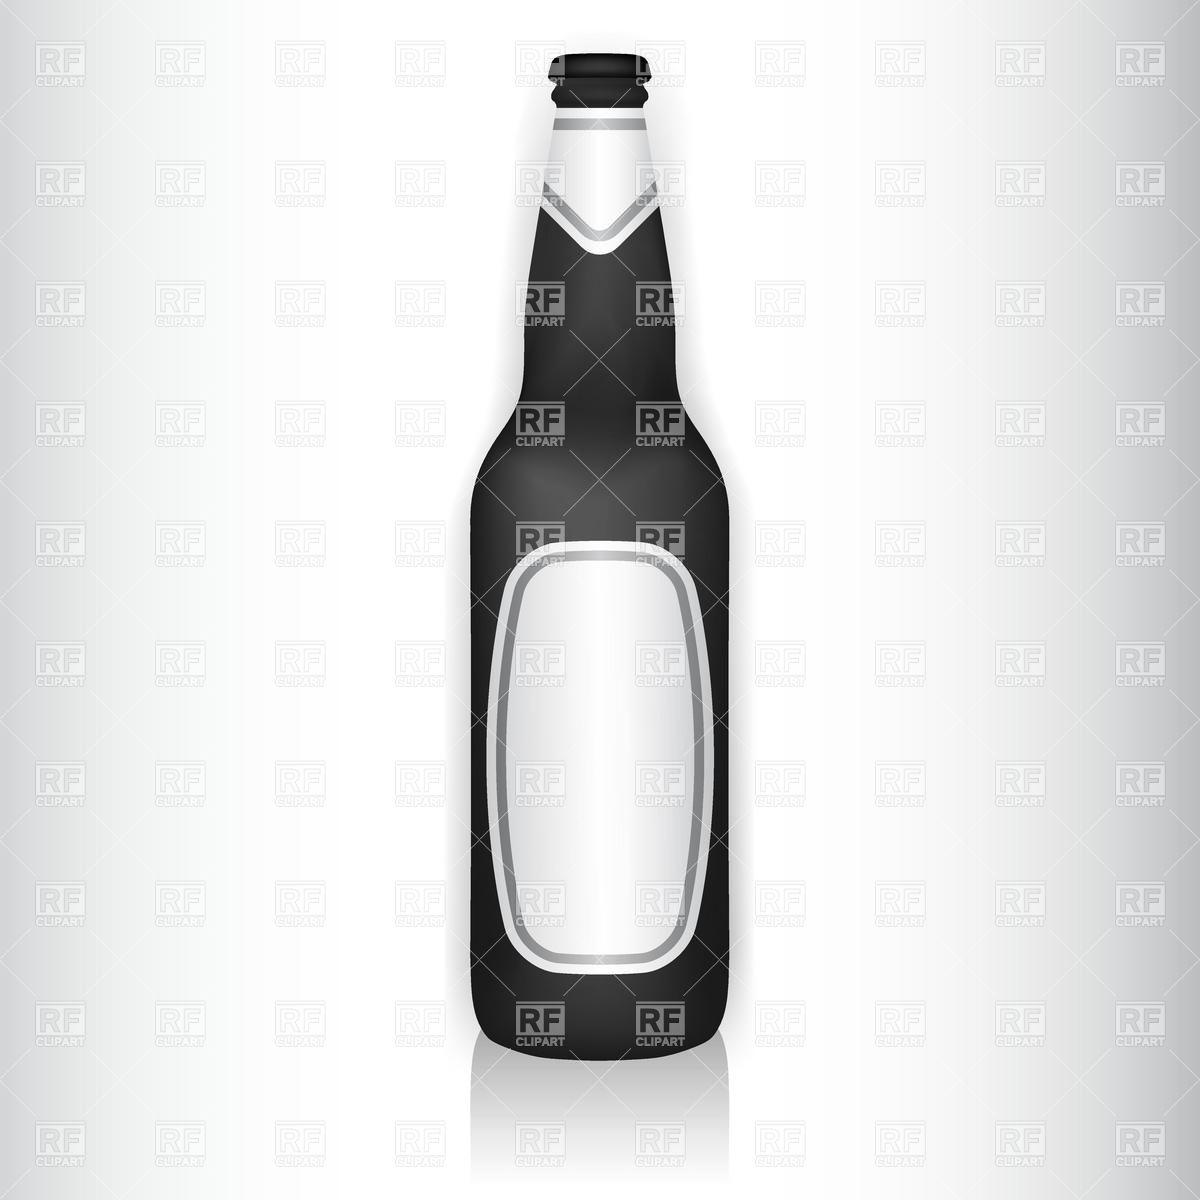 1200x1200 Beer Bottle Clipart Vector